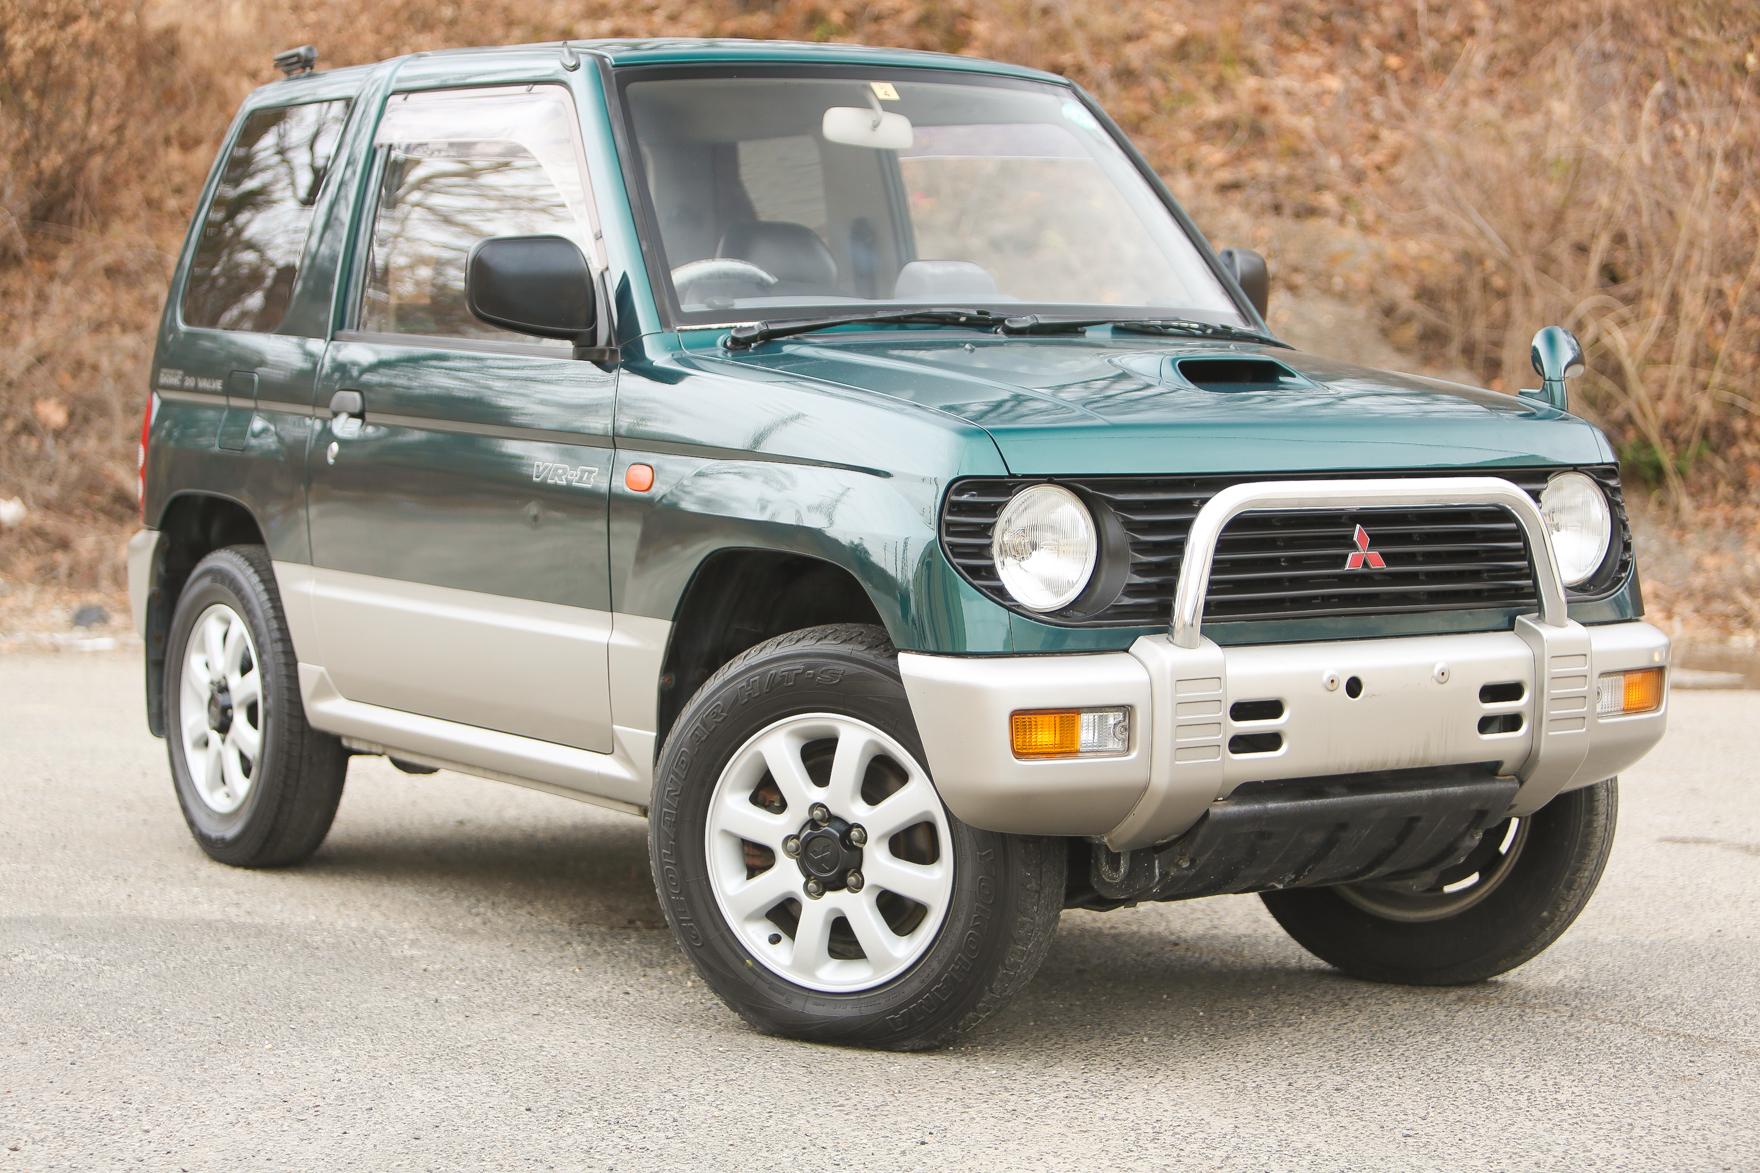 1995 Mitsubishi Pajero Mini Turbo - $8,495